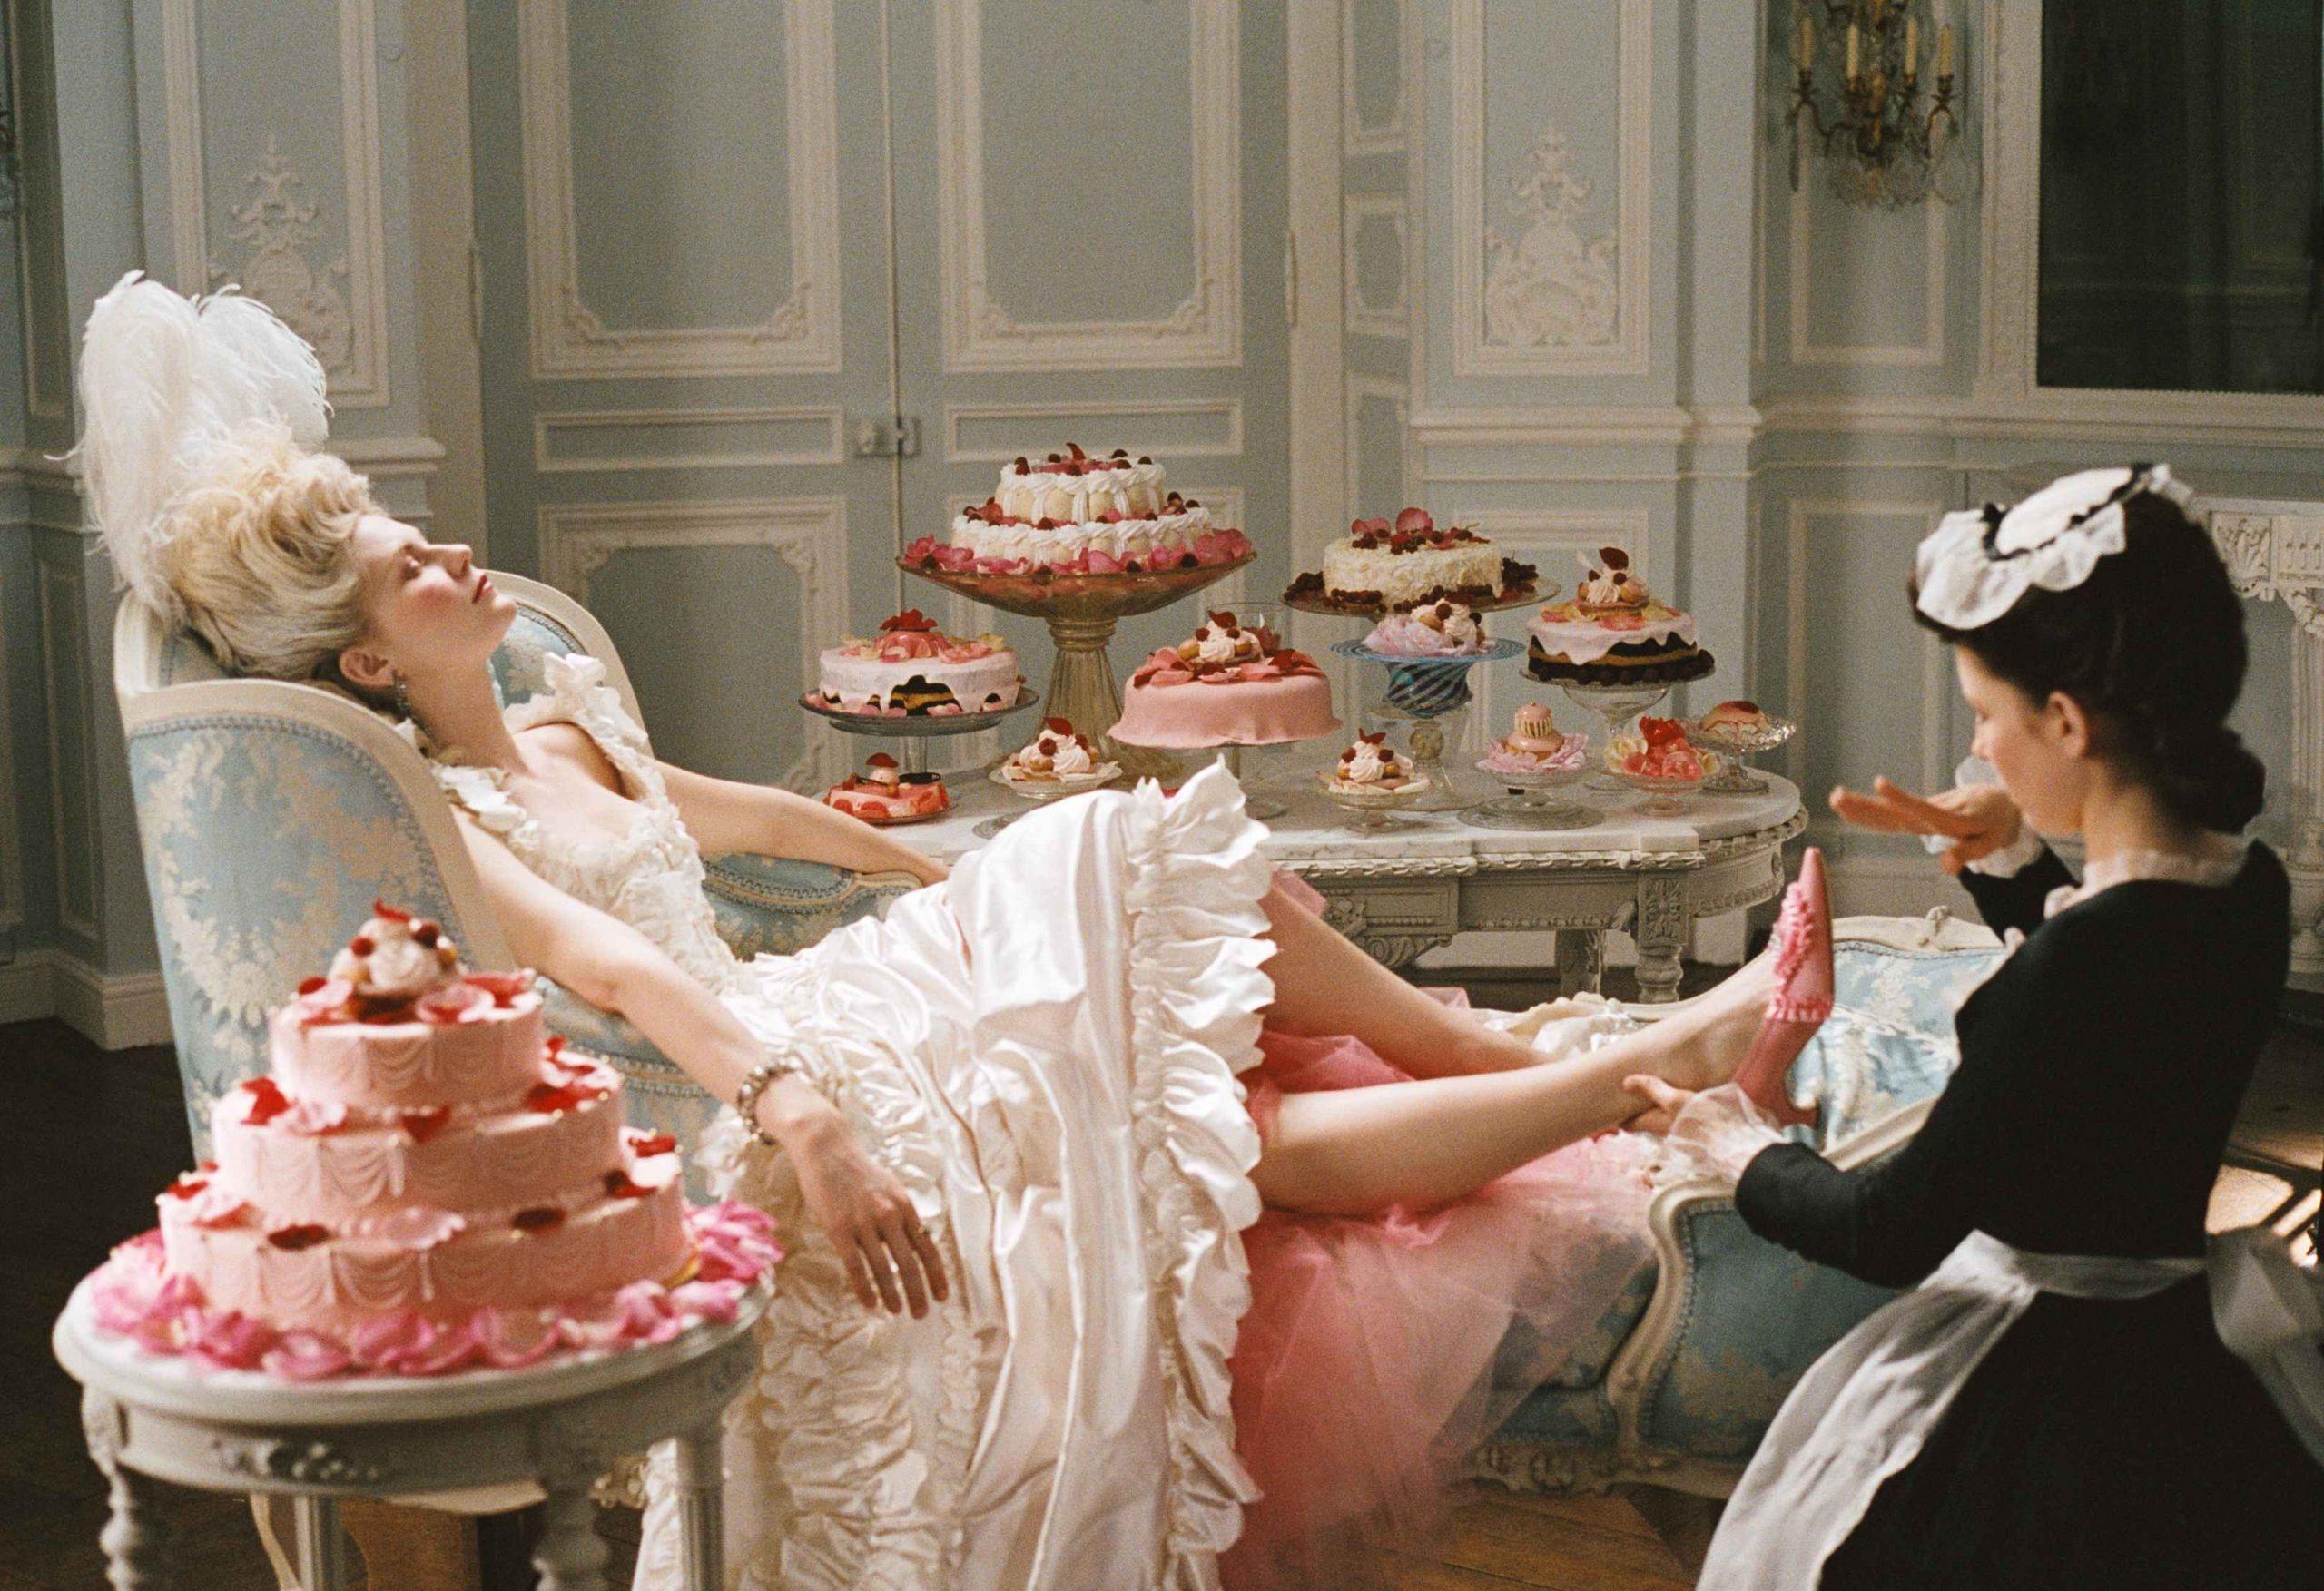 La Casa-Museo León y Castillo proyecta la película 'María Antonieta', basada en la vida de la Reina francesa del siglo XVIII